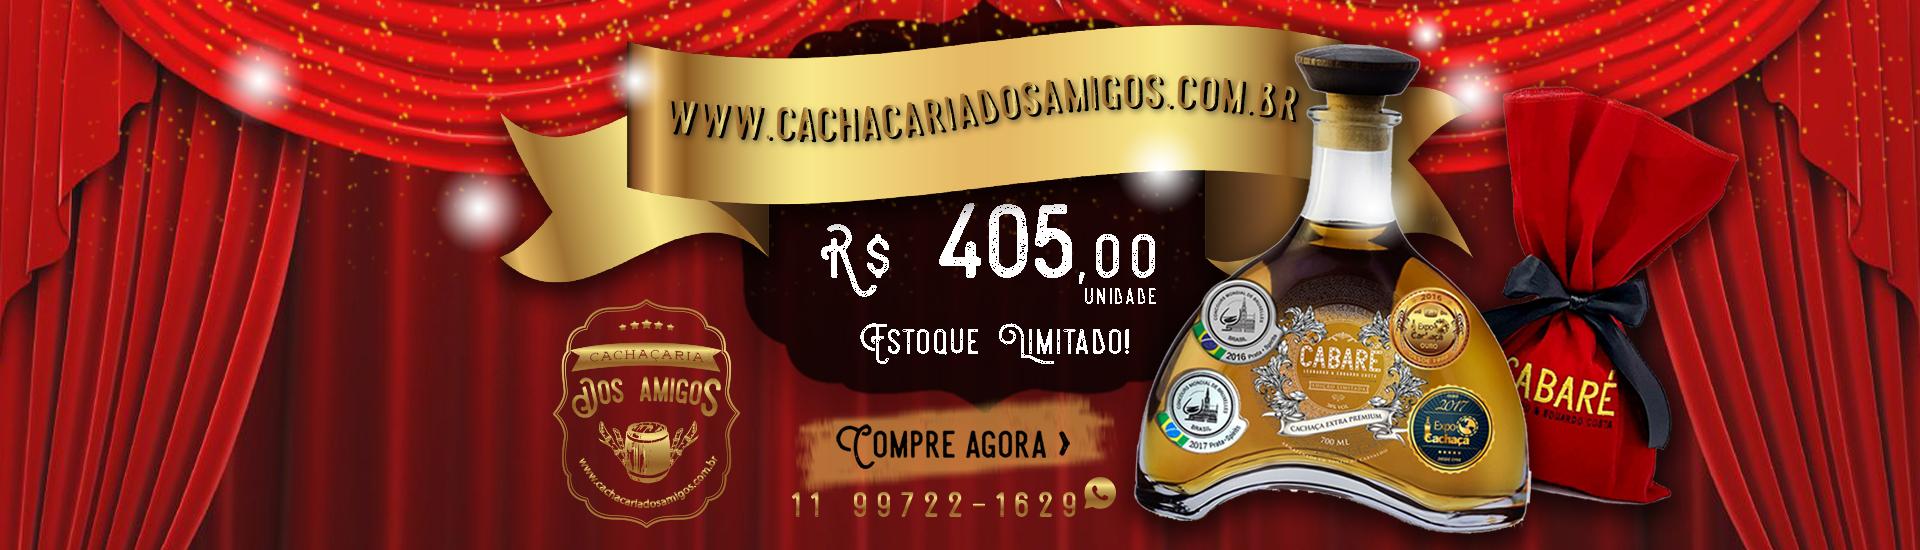 Cachaça Cabaré Extra Premium - cachacaria dos amigos